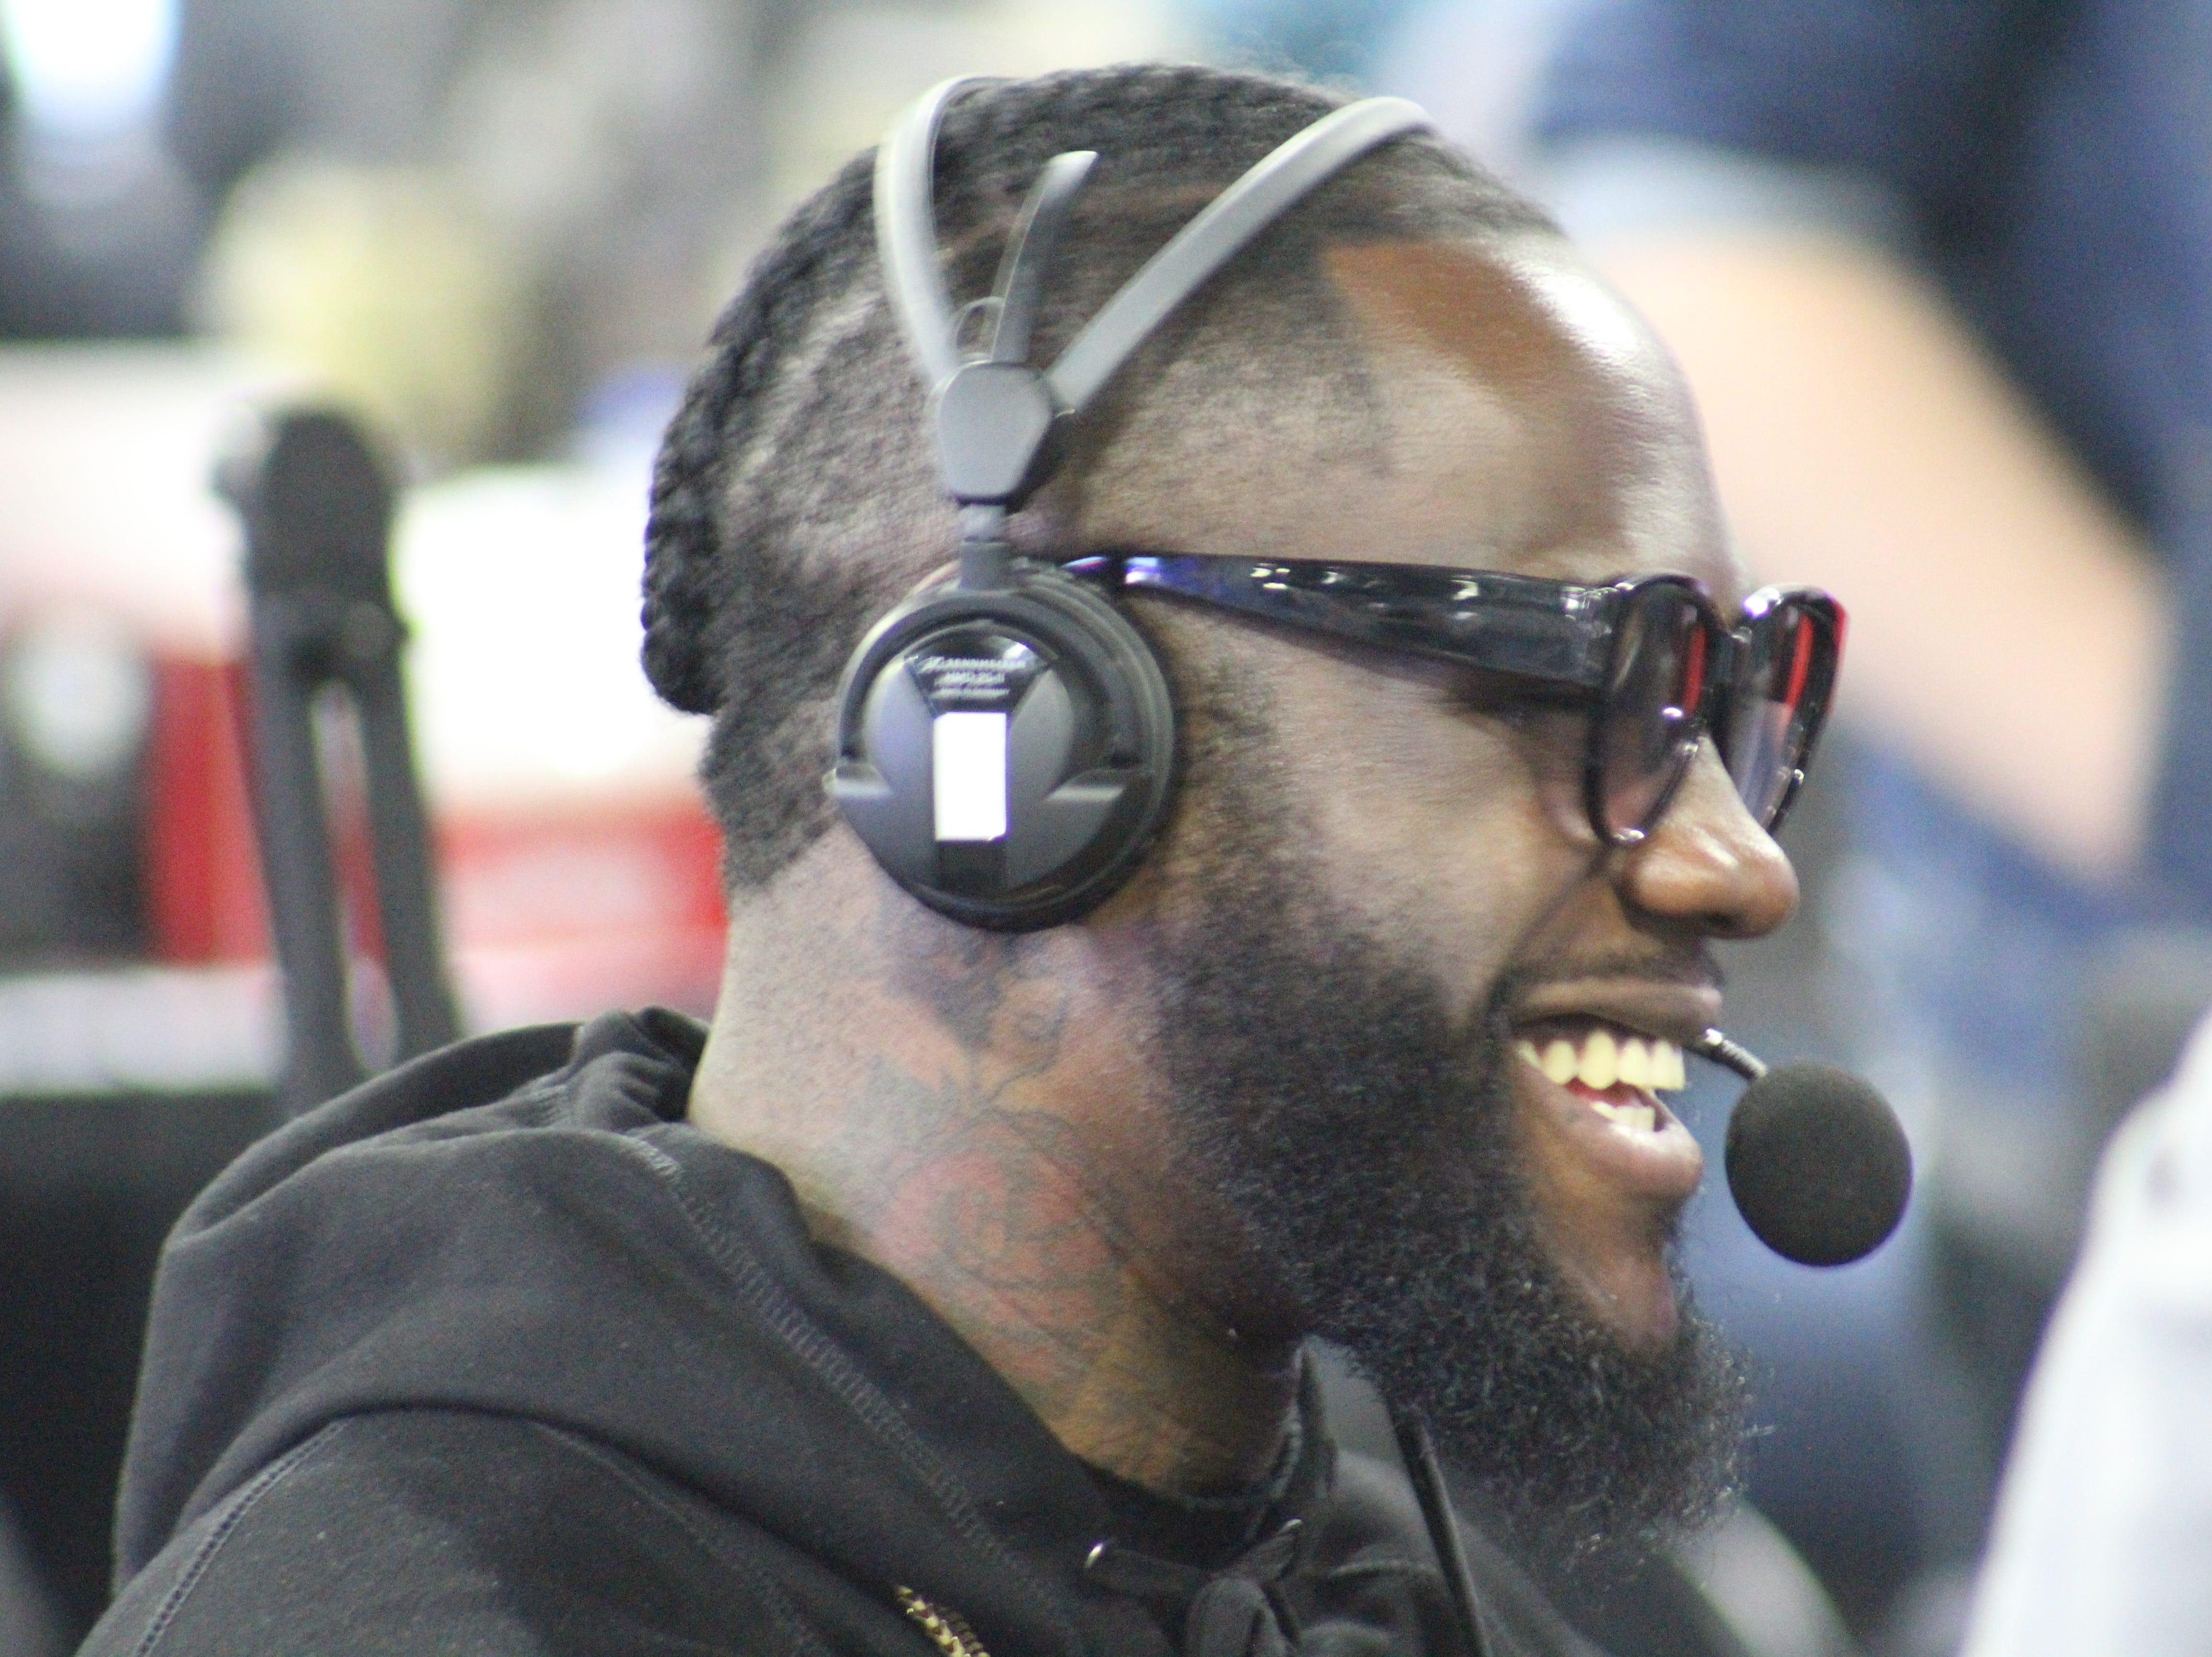 Celebridades, conciertos, deporte y mucha diversión colorean la ciudad de Atlanta, Georgia, previo al Super Bowl 53 que disputaran Patriotas de Nueva Inglaterra y Rams de Los Ángeles en el Mercedes Benz Stadium. 1 de febrero del 2019.